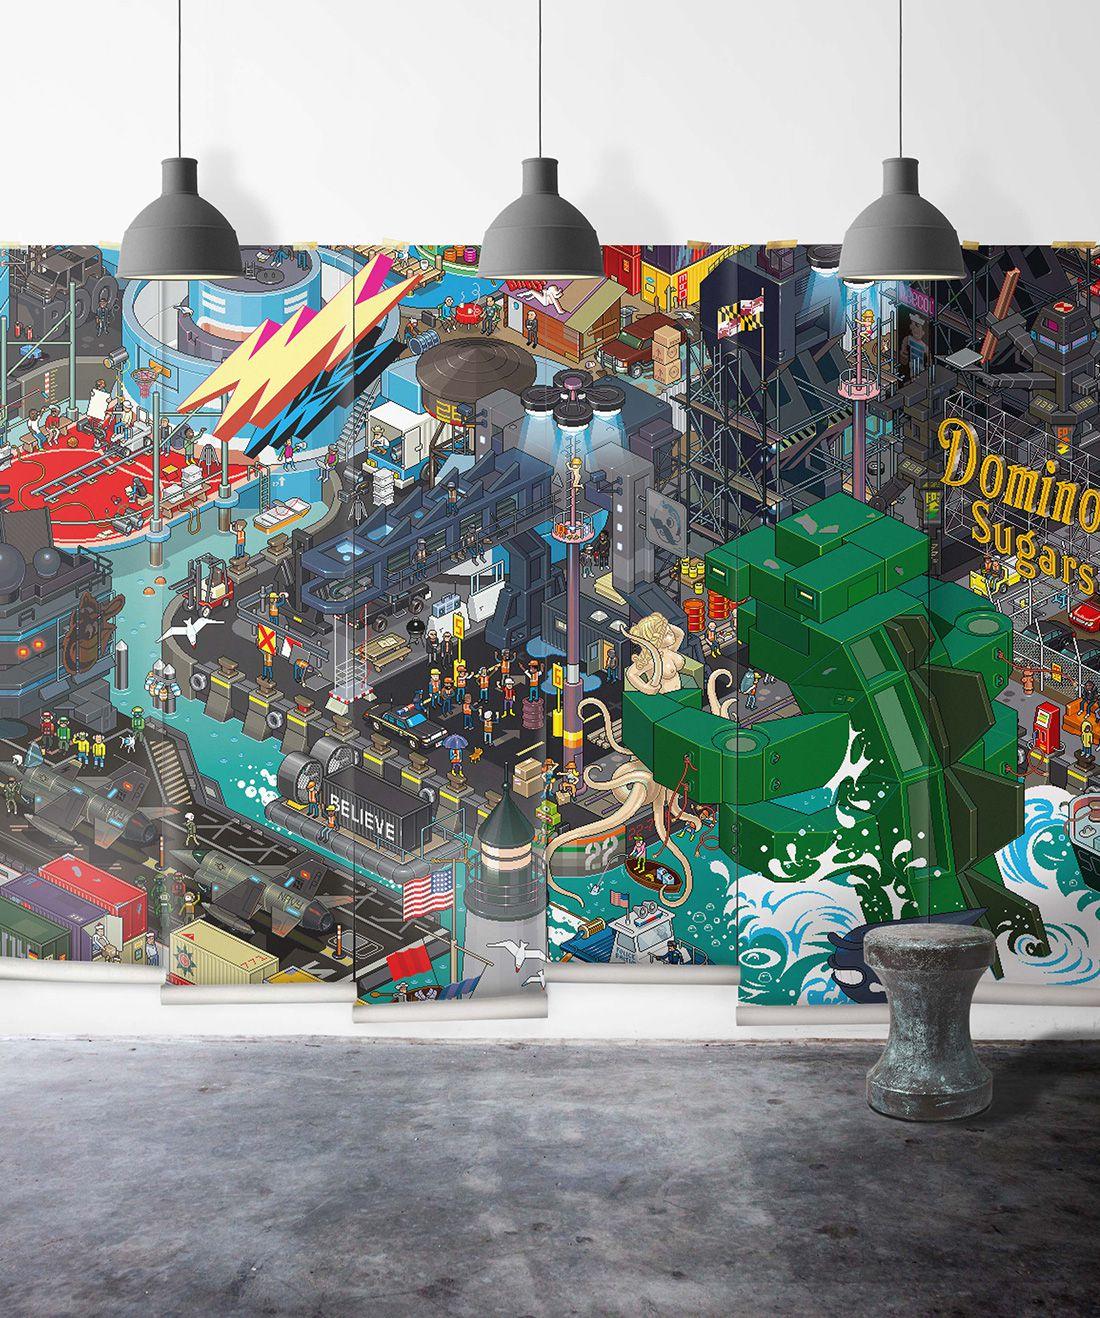 Baltimore Mural